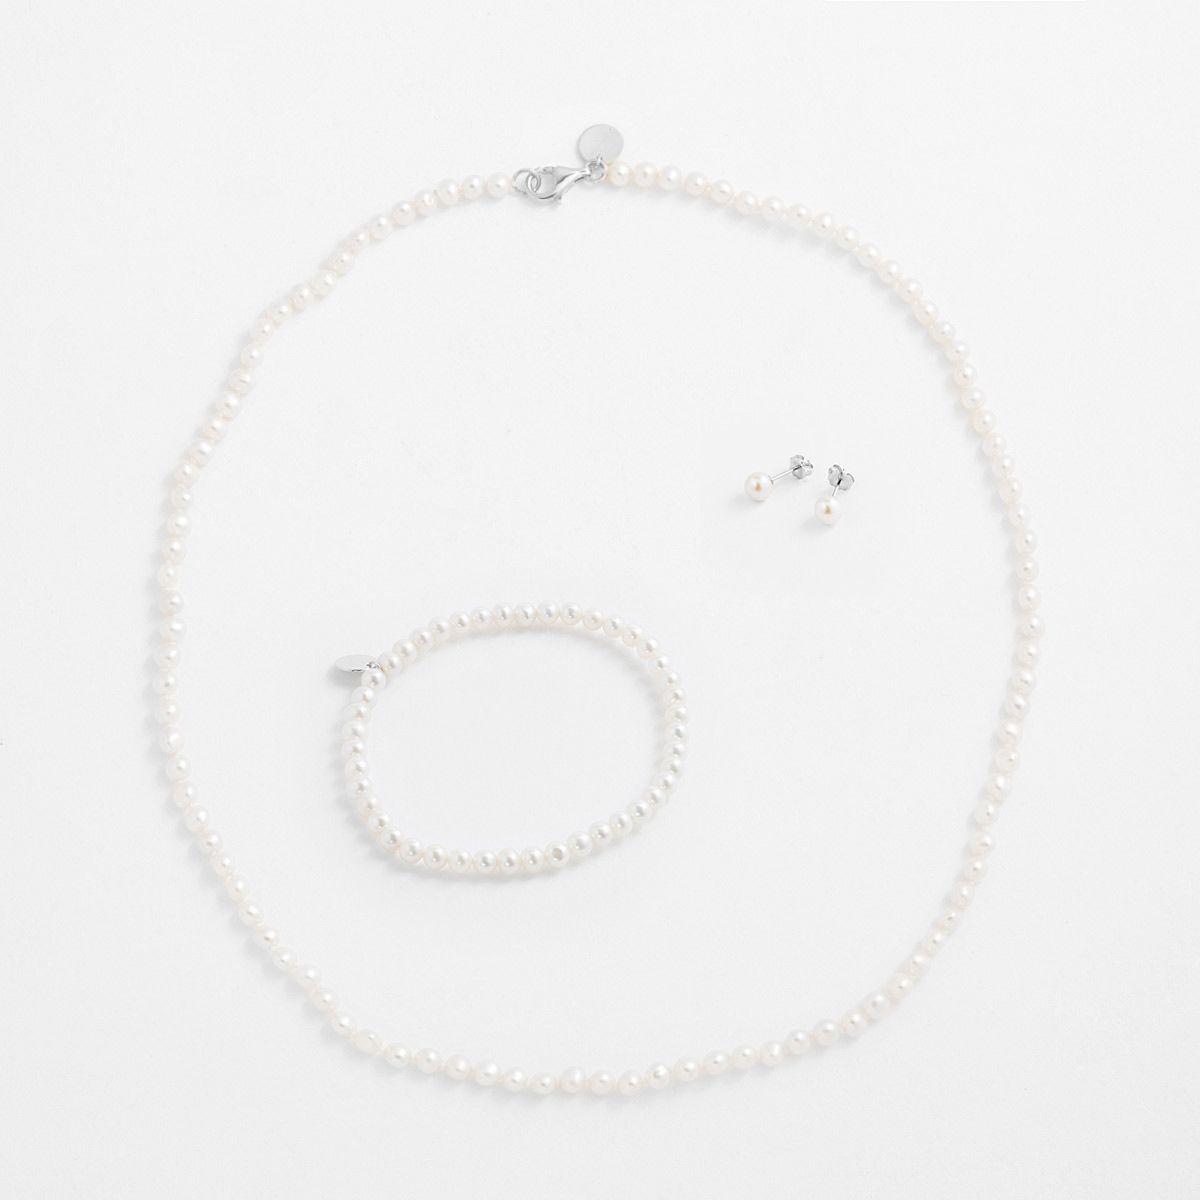 Umhüllt von Perlen (3er Set)